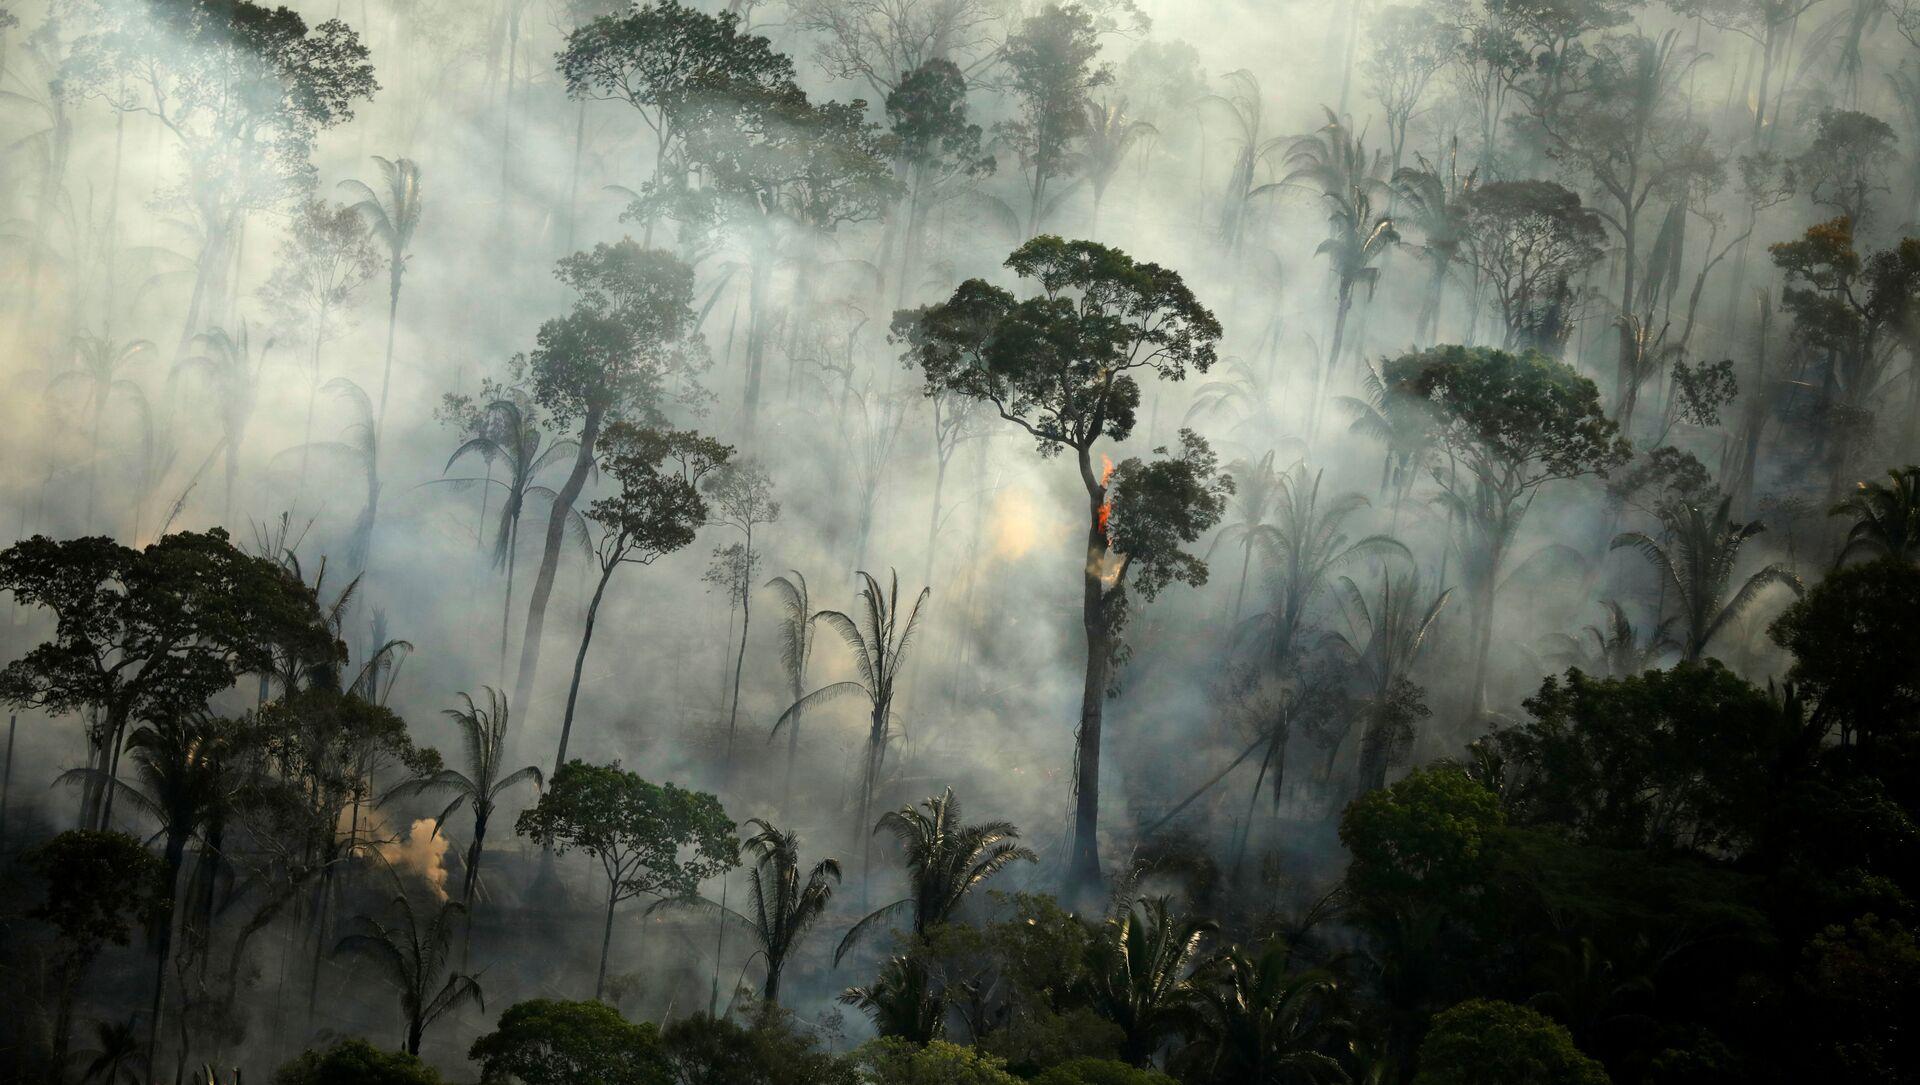 Khói bao trùm một khu rừng đang cháy trong một trận hỏa hoạn ở khu vực rừng nhiệt đới Amazon, Brazil. - Sputnik Việt Nam, 1920, 17.03.2021